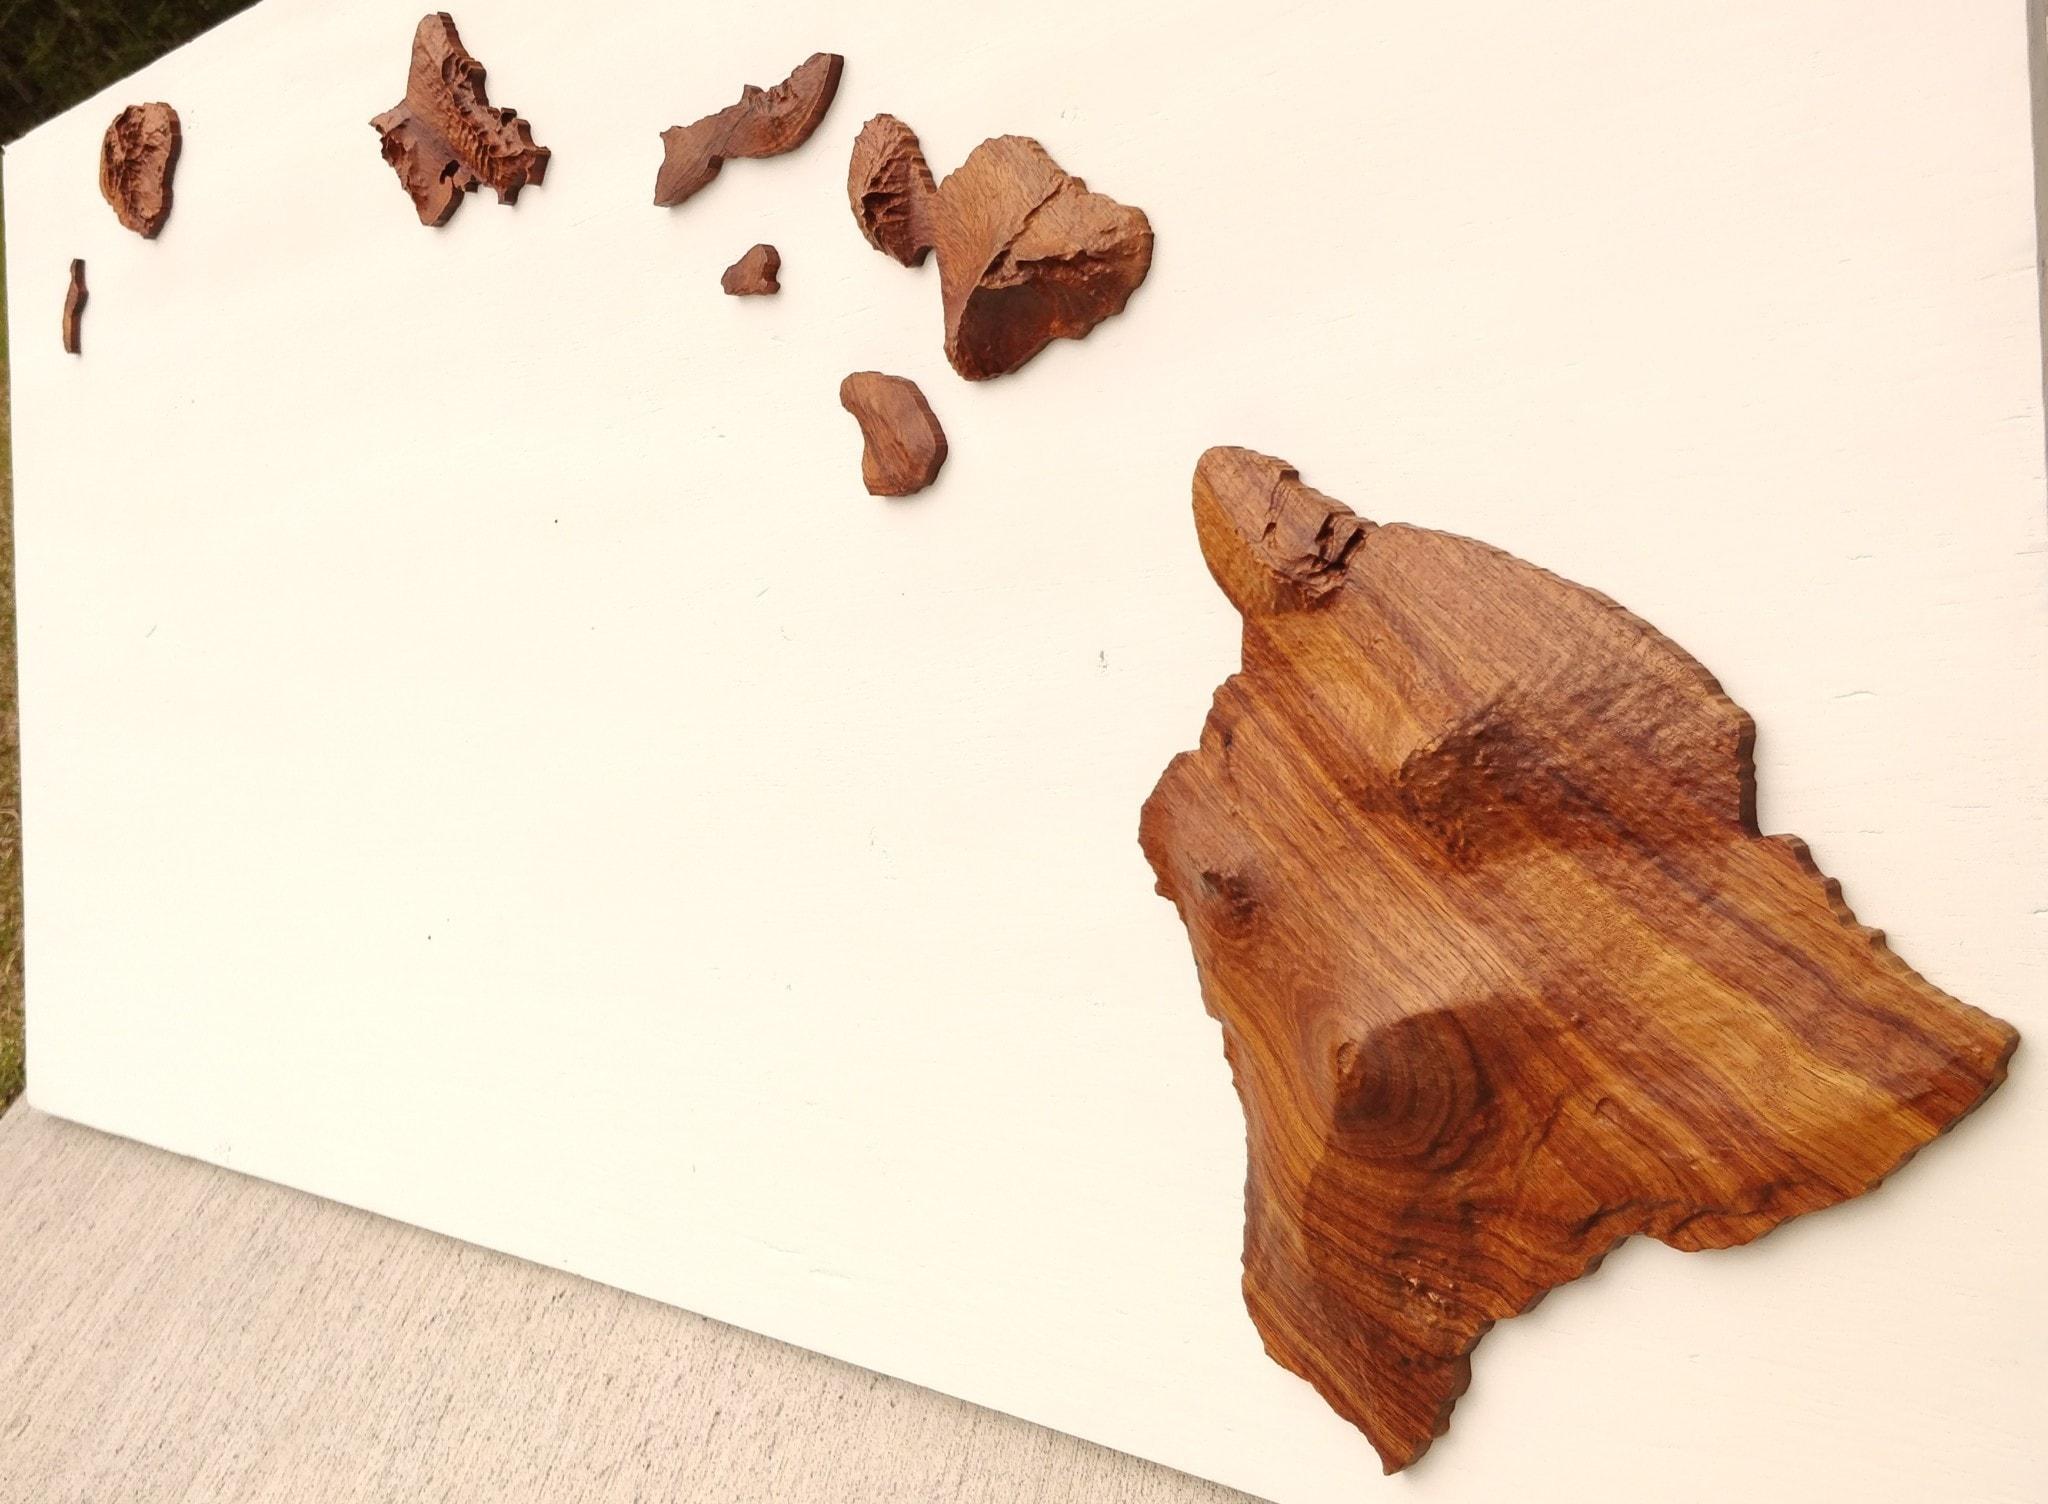 Hawaii Wood Art